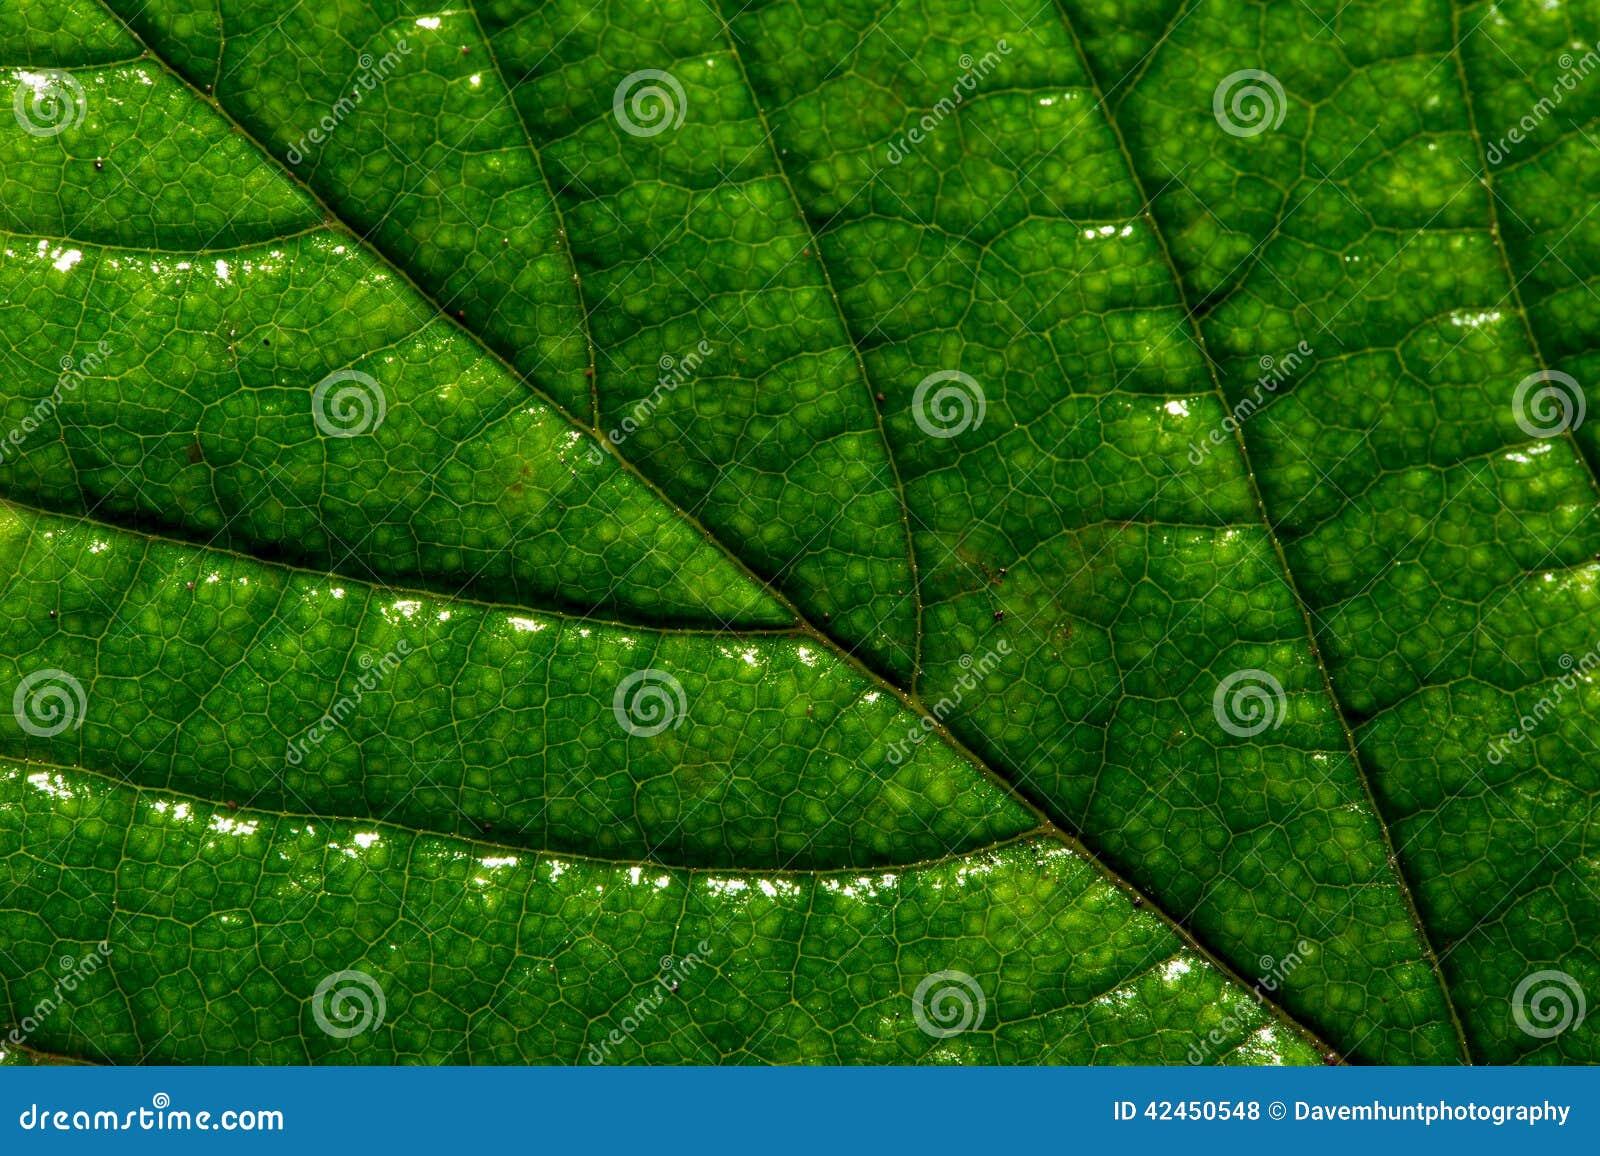 Natur-Hintergrund-Blatt-Abschluss oben